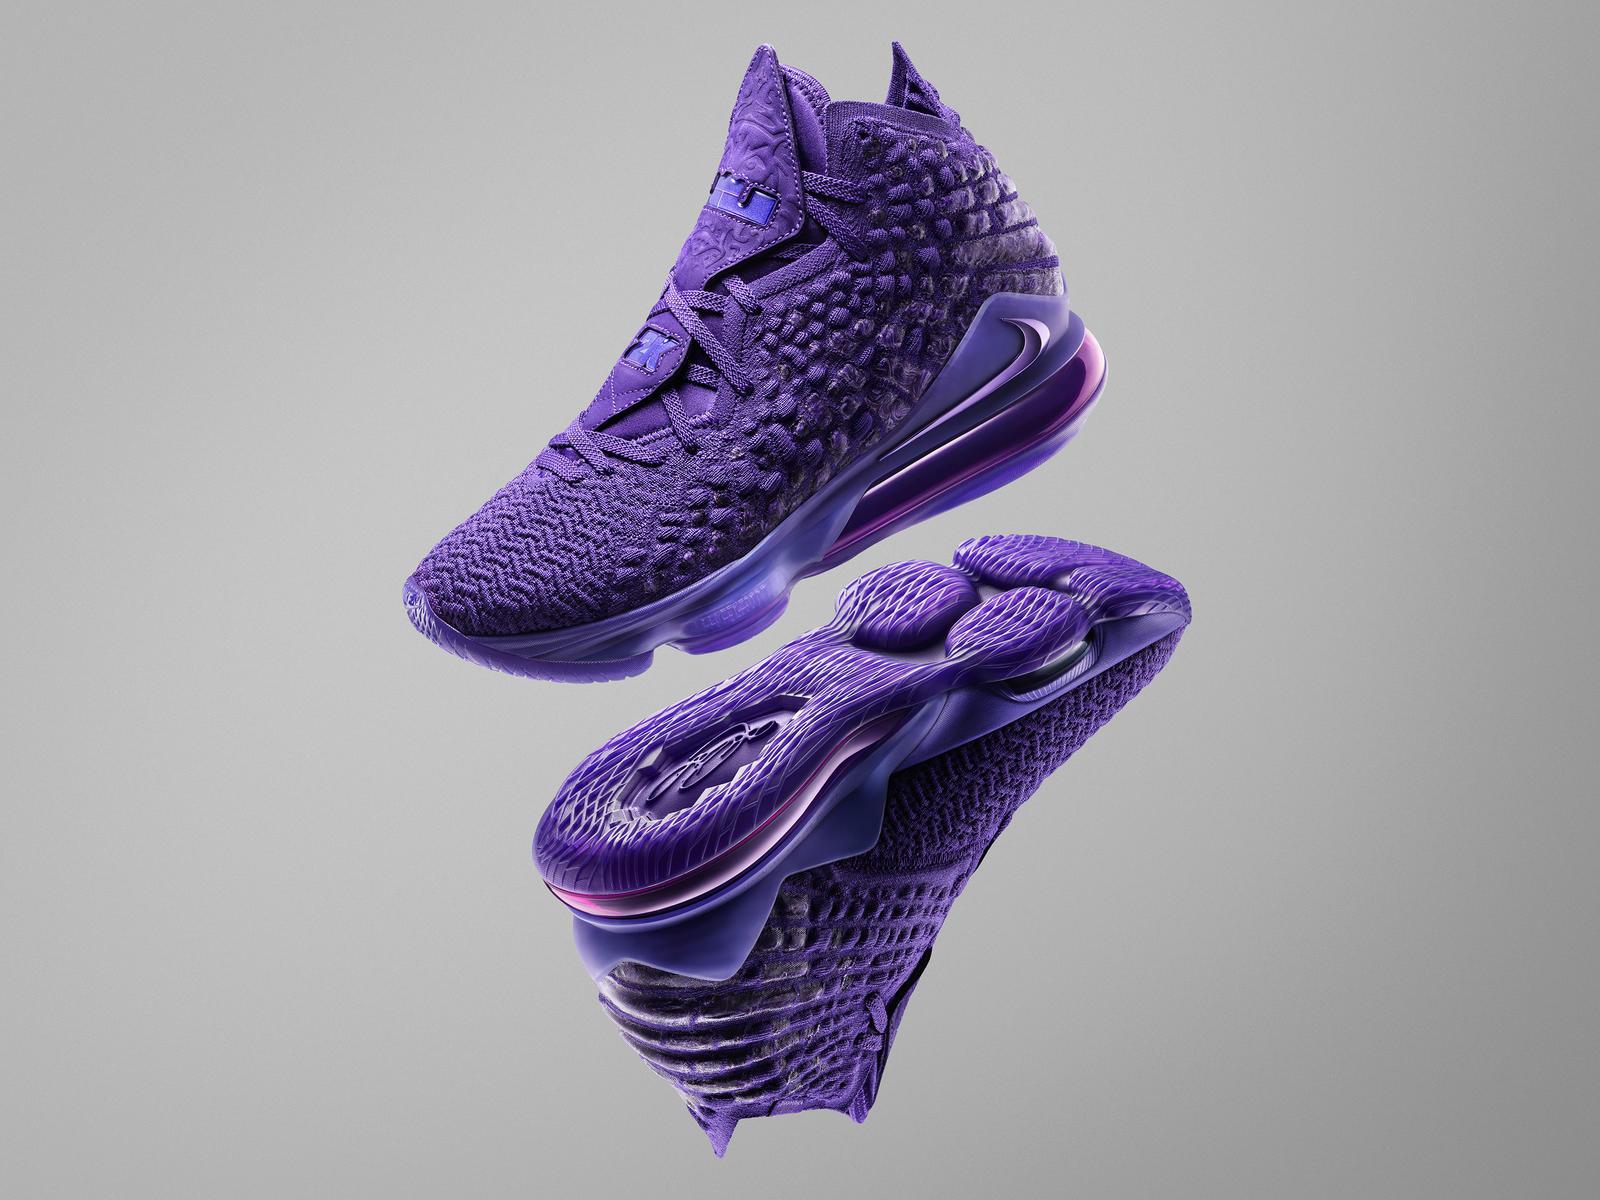 NBA 2K20 x Nike Gamer Exclusives - Nike